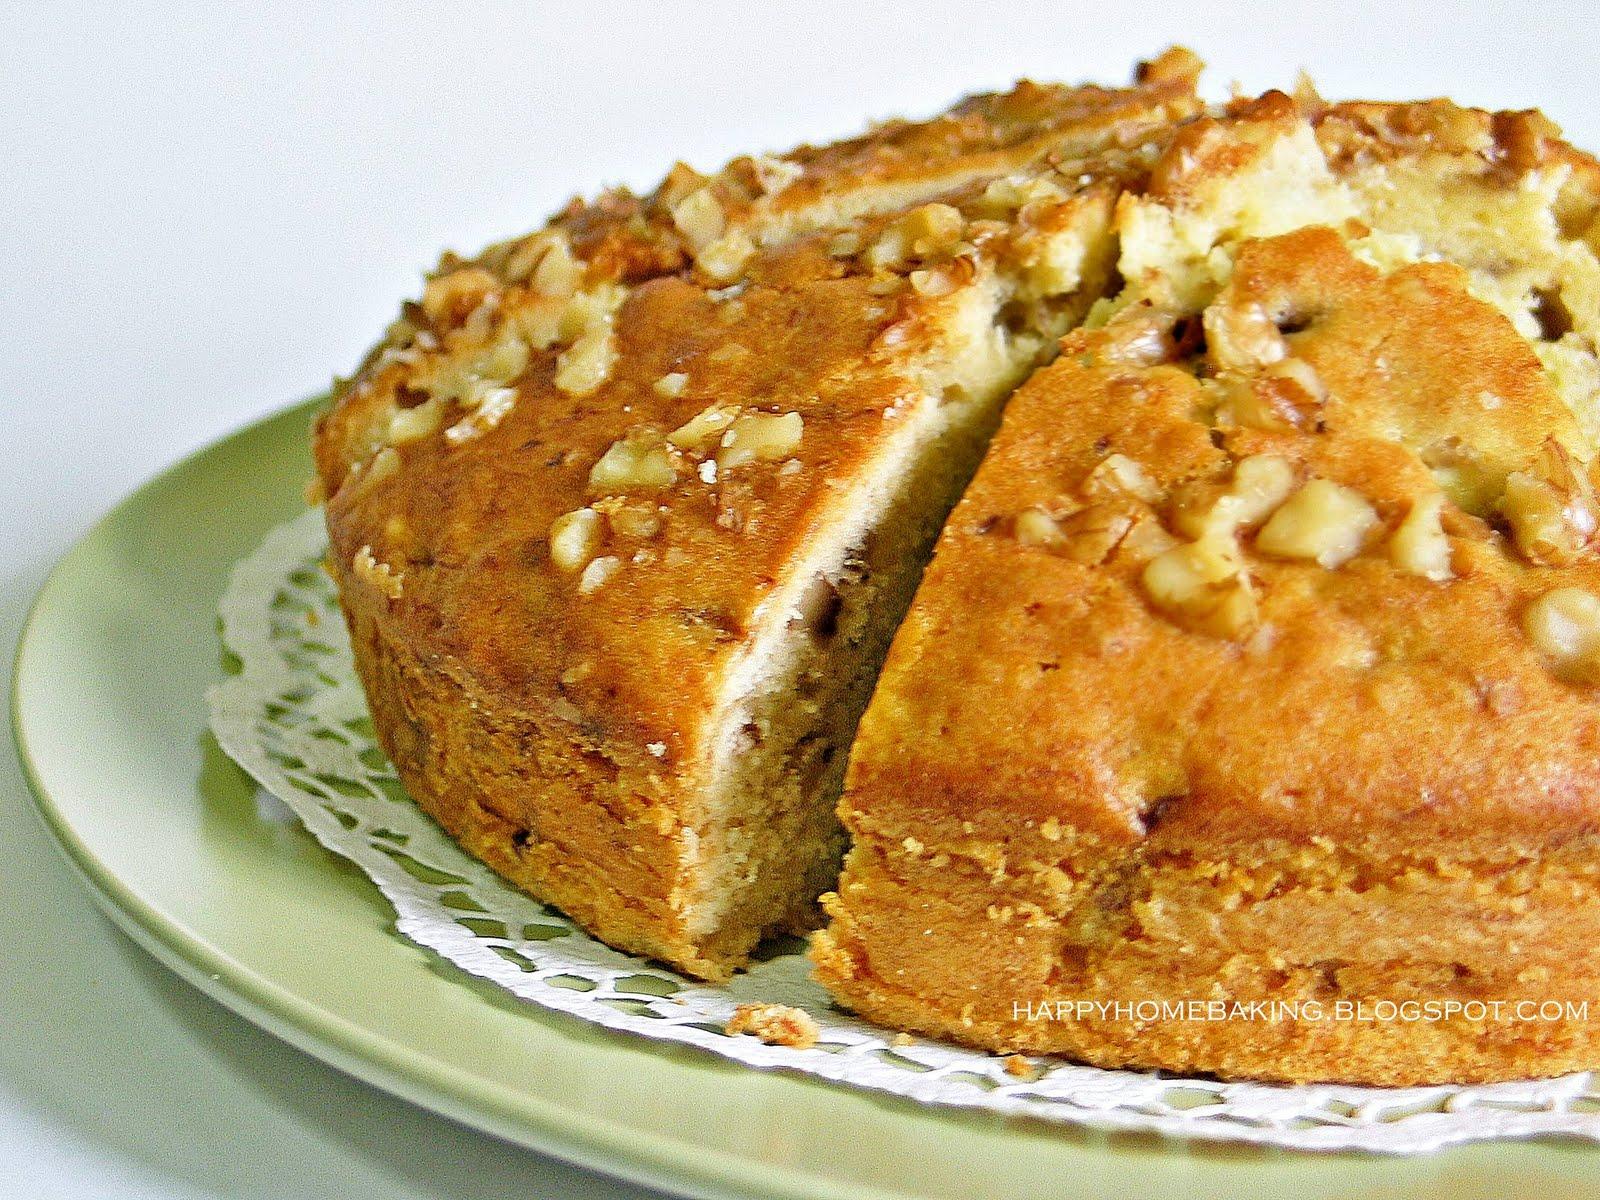 Banana cake recipe walnuts